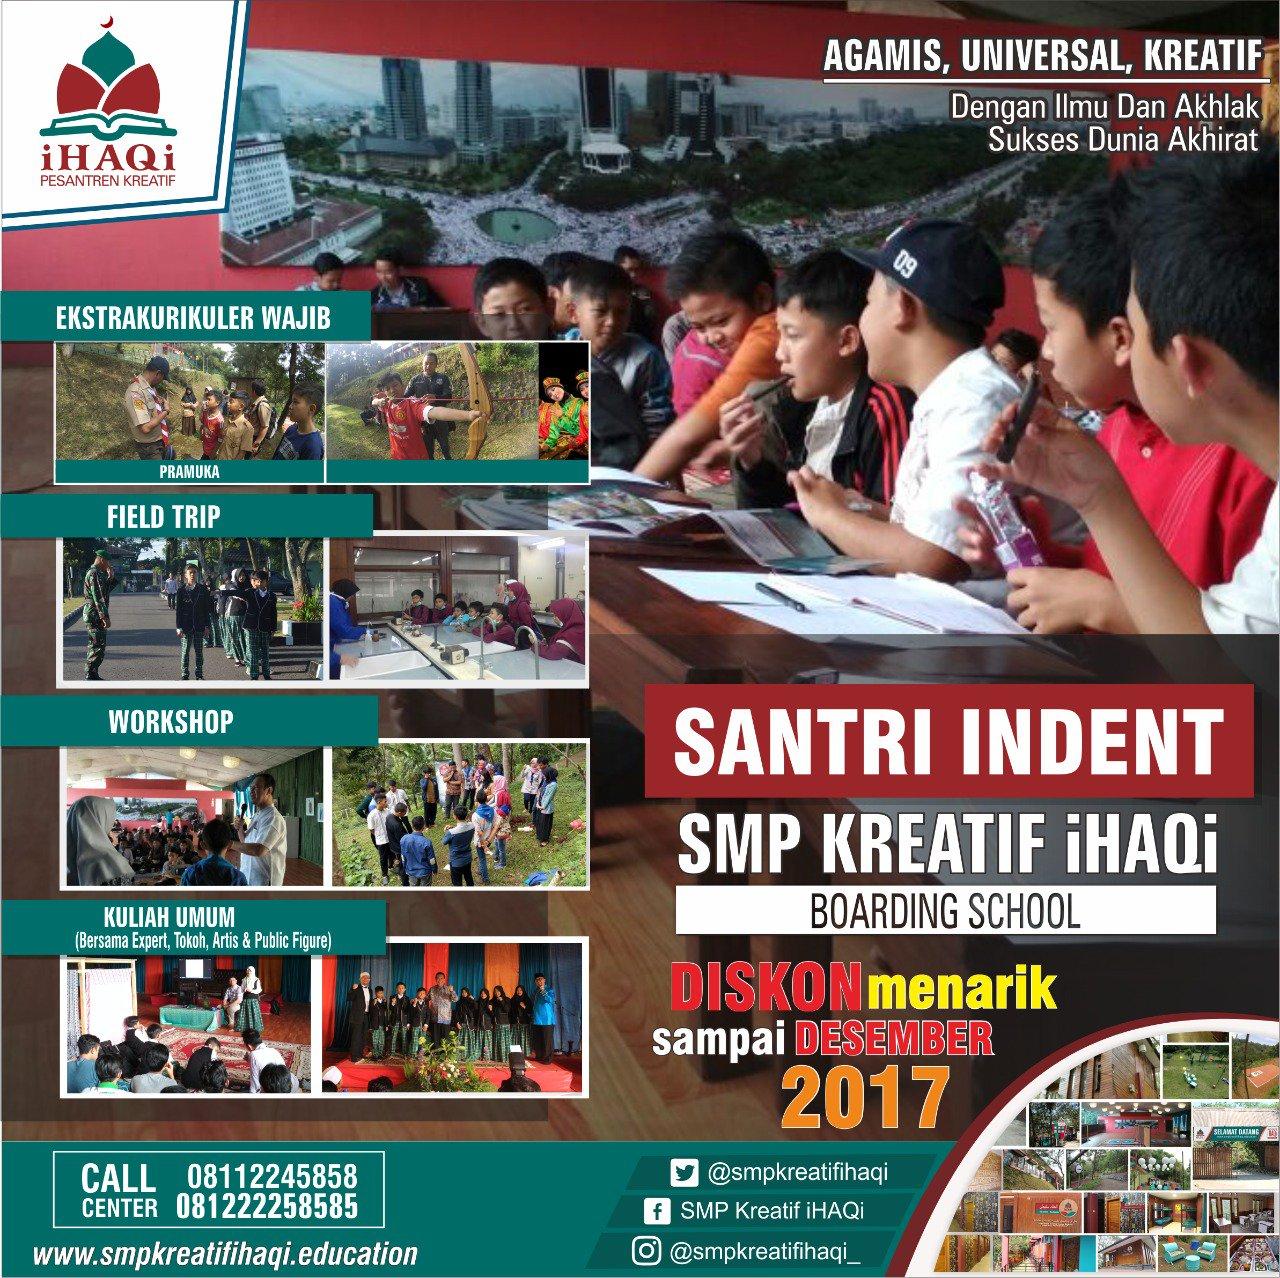 Segera daftar santri indent SMP Kreatif iHAQi Lembang Bandung  https://t.co/FHVP2RHktR https://t.co/EglndeATc9